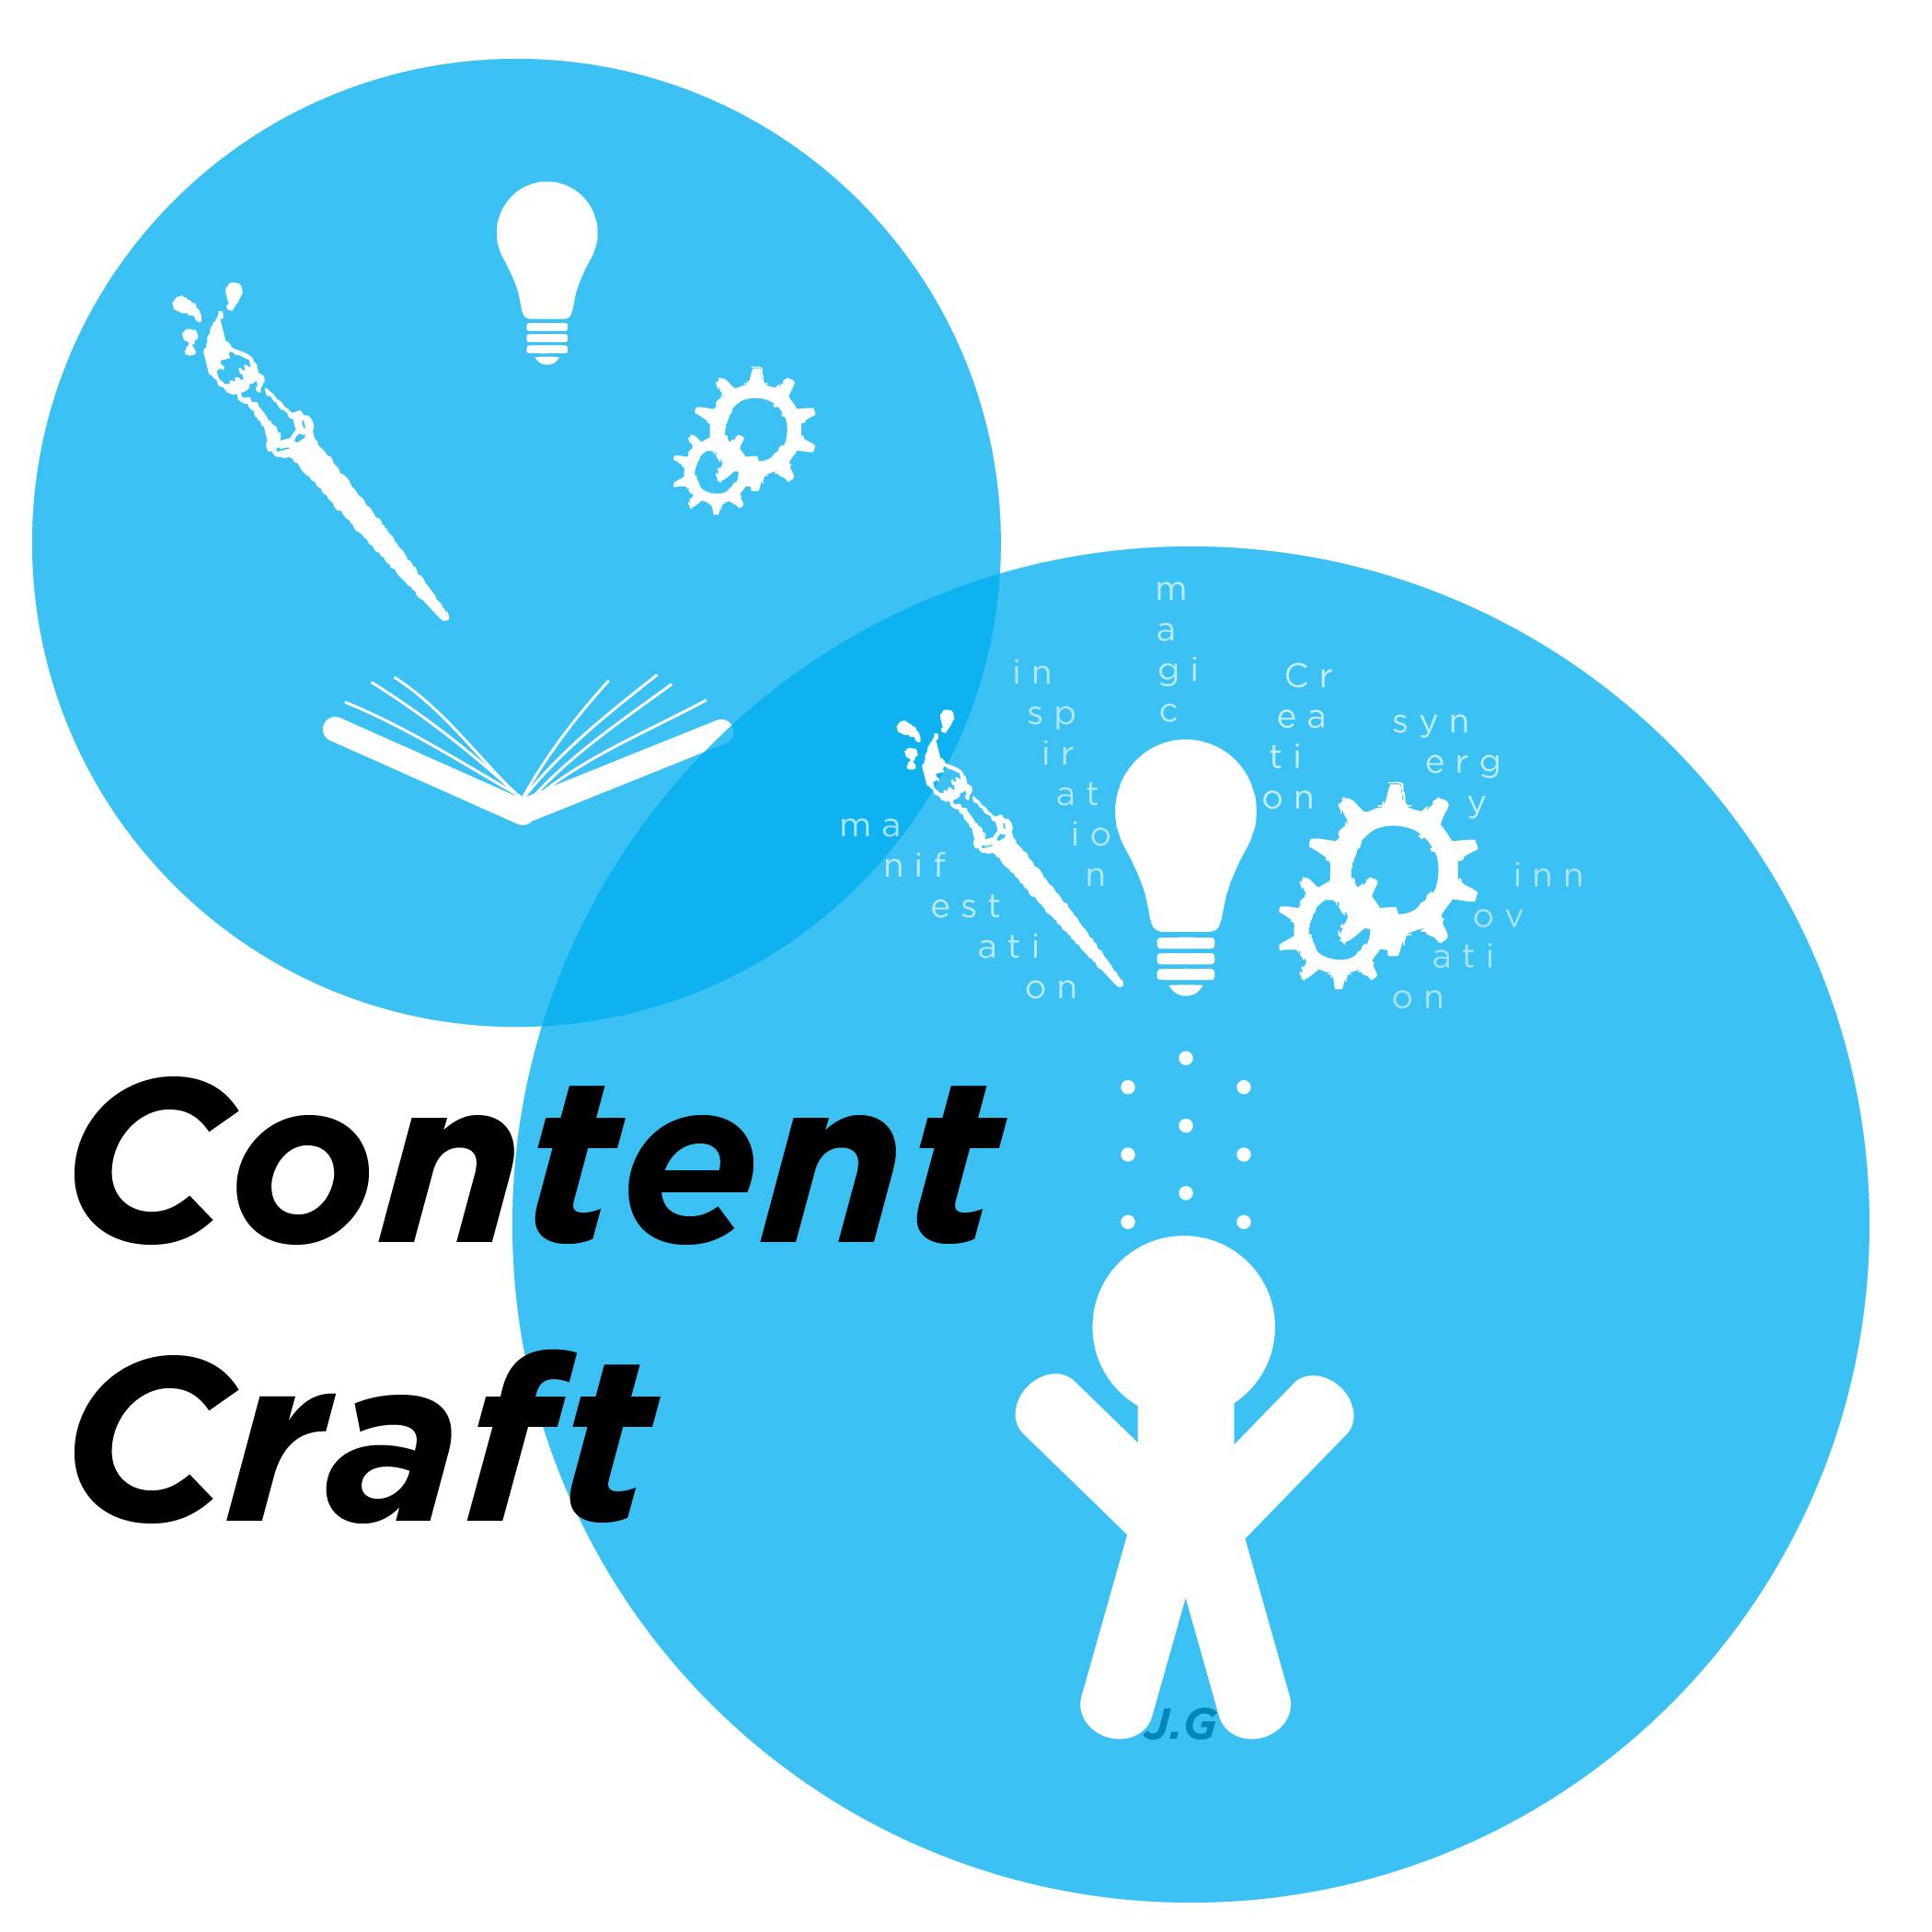 ContentCraft.jpg